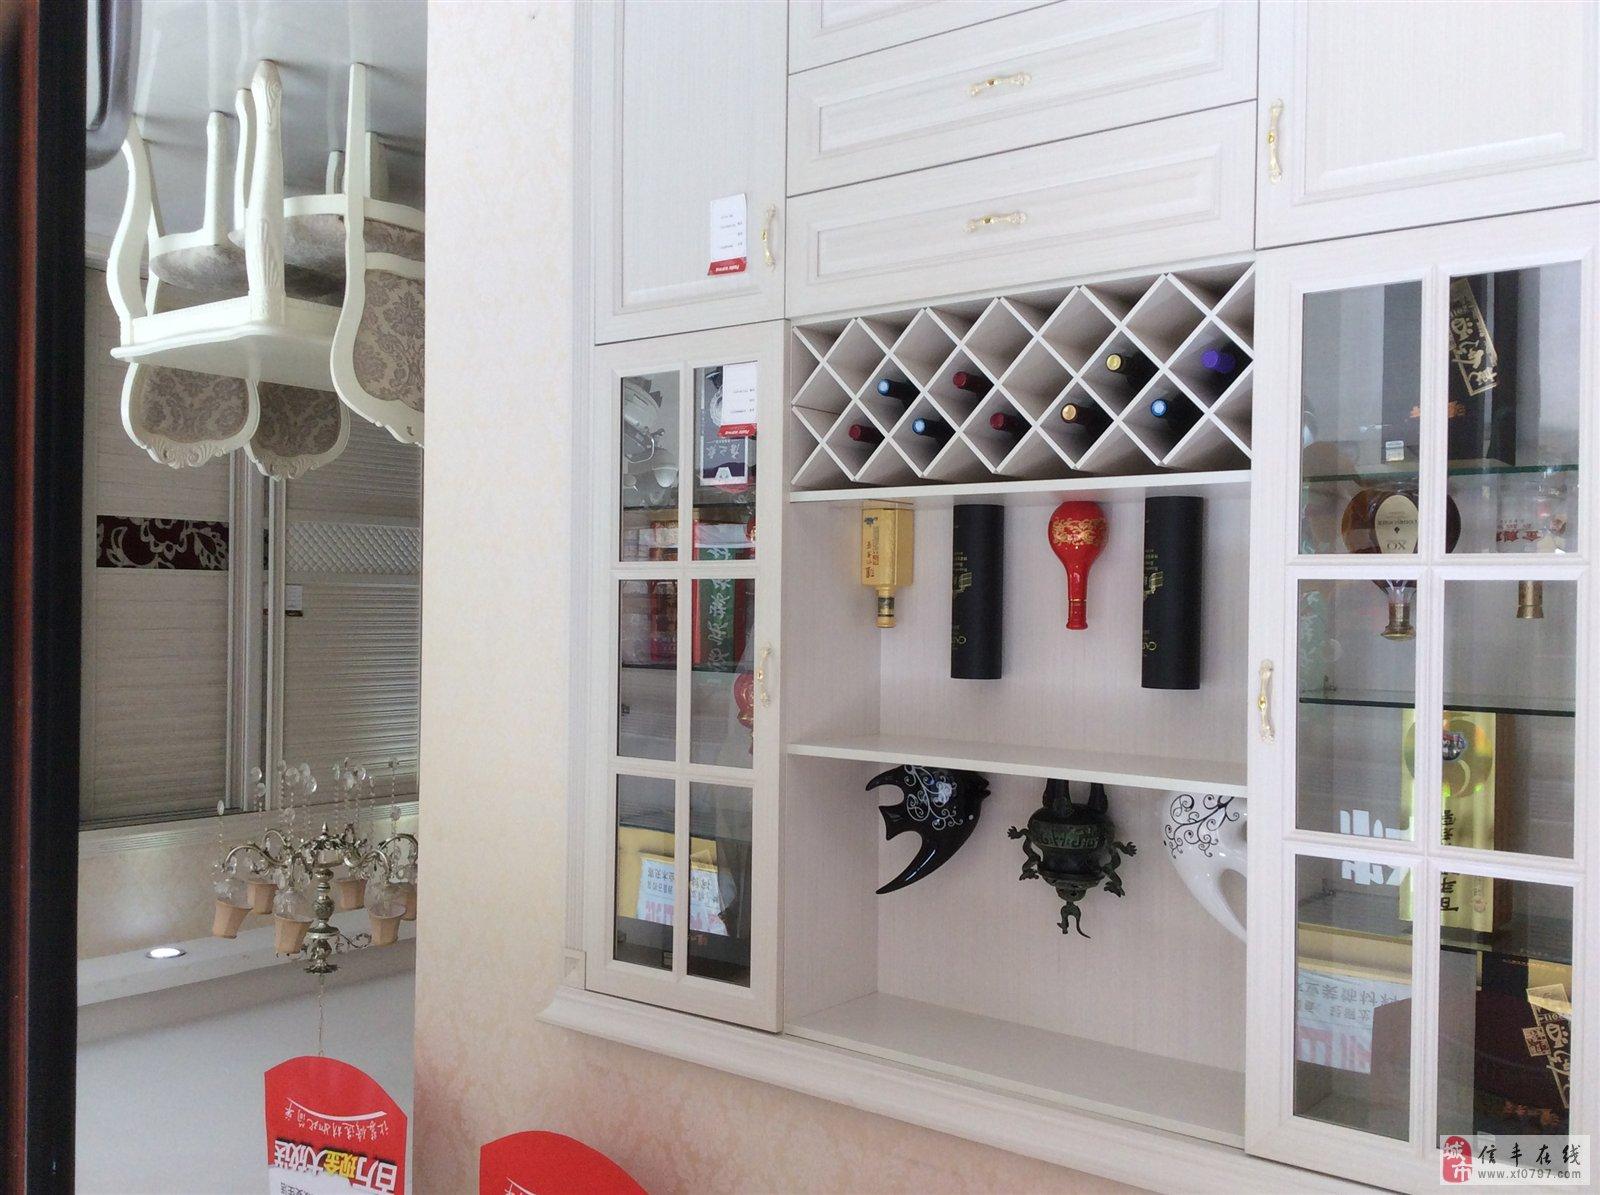 定制整体衣柜 橱柜 酒柜 电视柜 鞋柜 书柜等家具